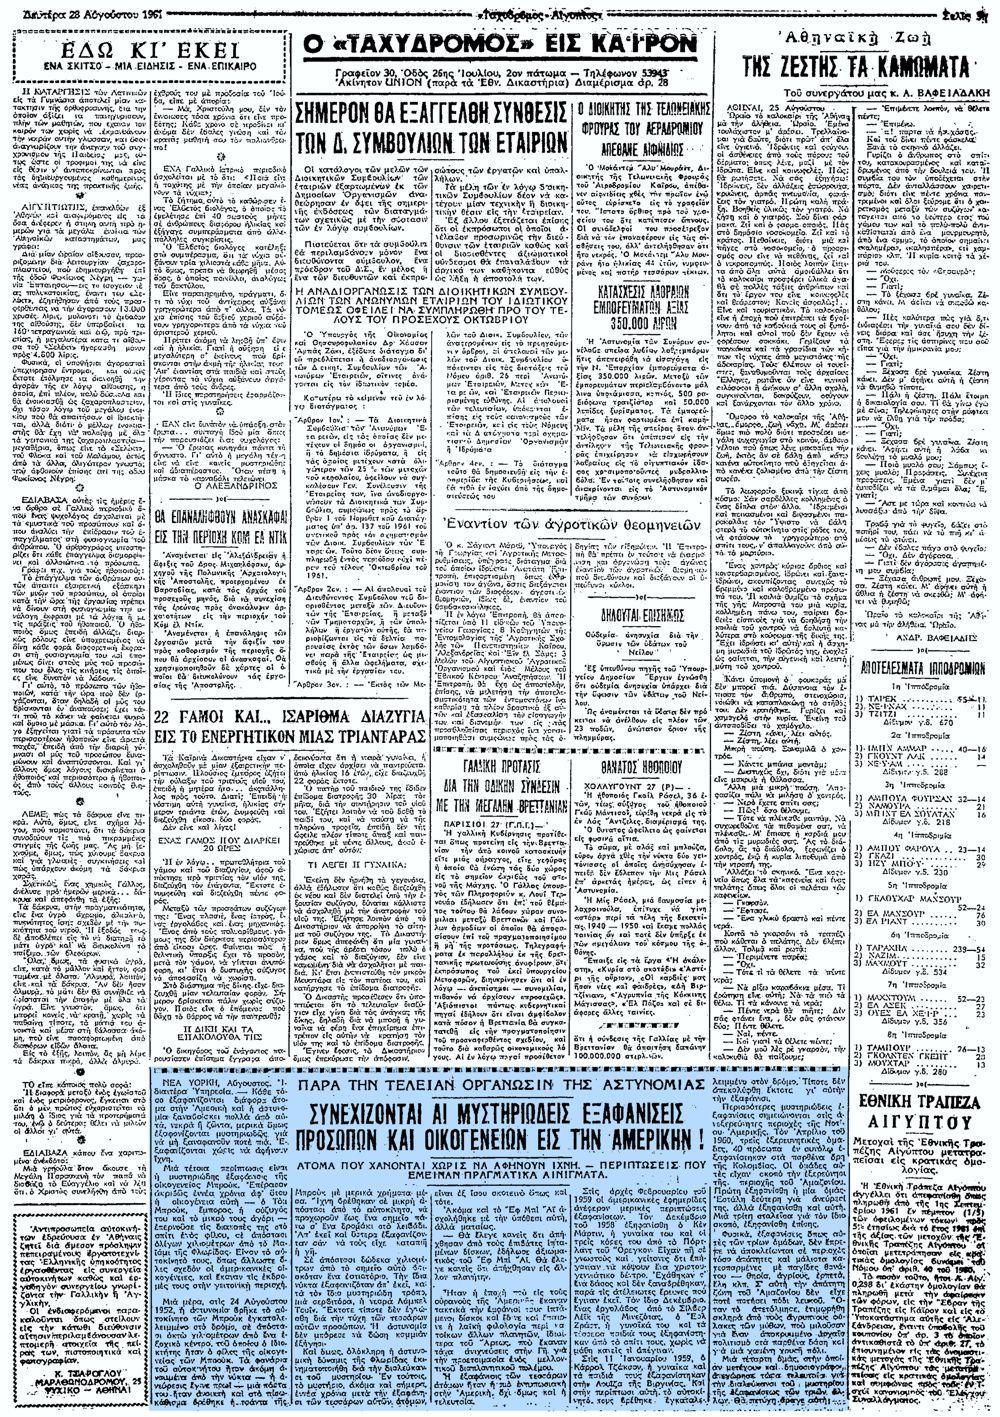 """Το άρθρο, όπως δημοσιεύθηκε στην εφημερίδα """"ΤΑΧΥΔΡΟΜΟΣ"""", στις 28/08/1961"""